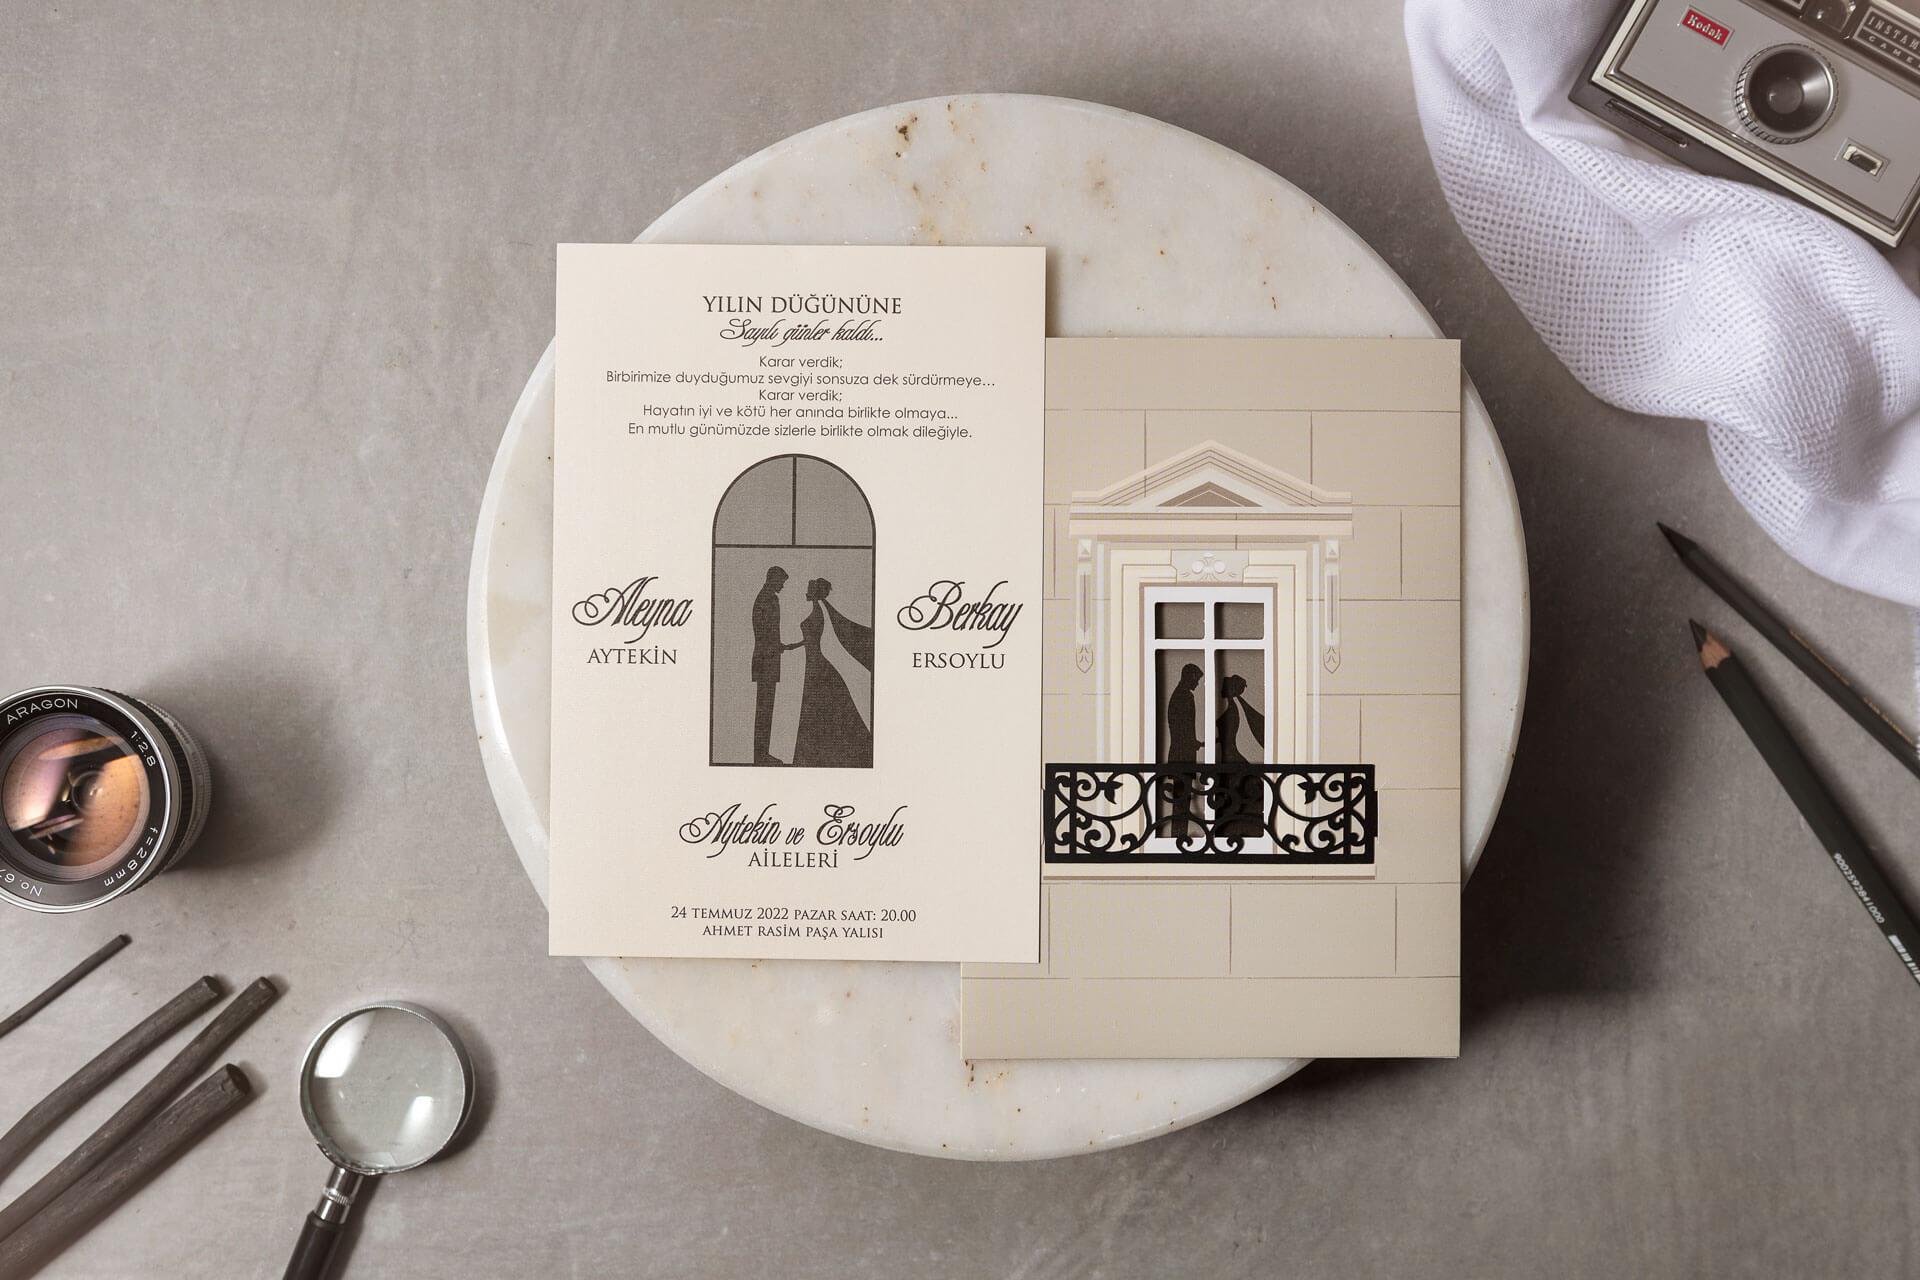 ilginç-düğün-davetiyesi-8420-3